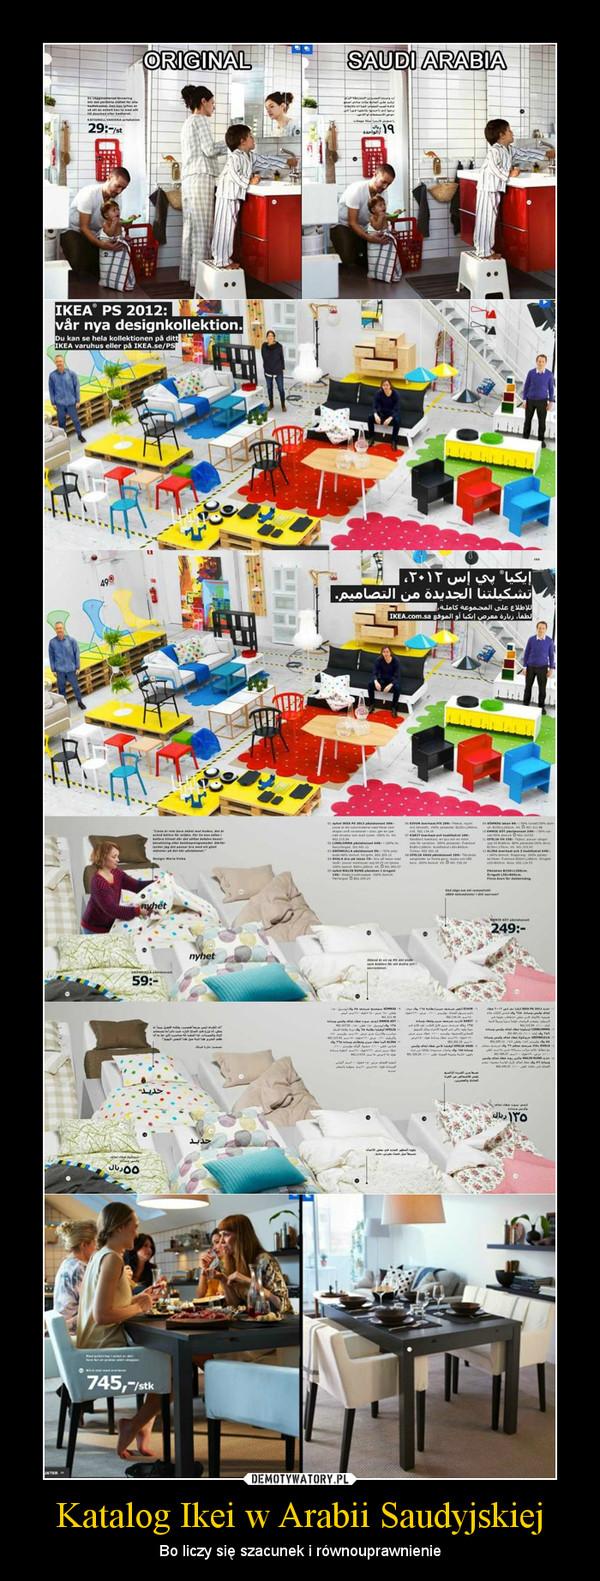 Katalog Ikei w Arabii Saudyjskiej – Bo liczy się szacunek i równouprawnienie